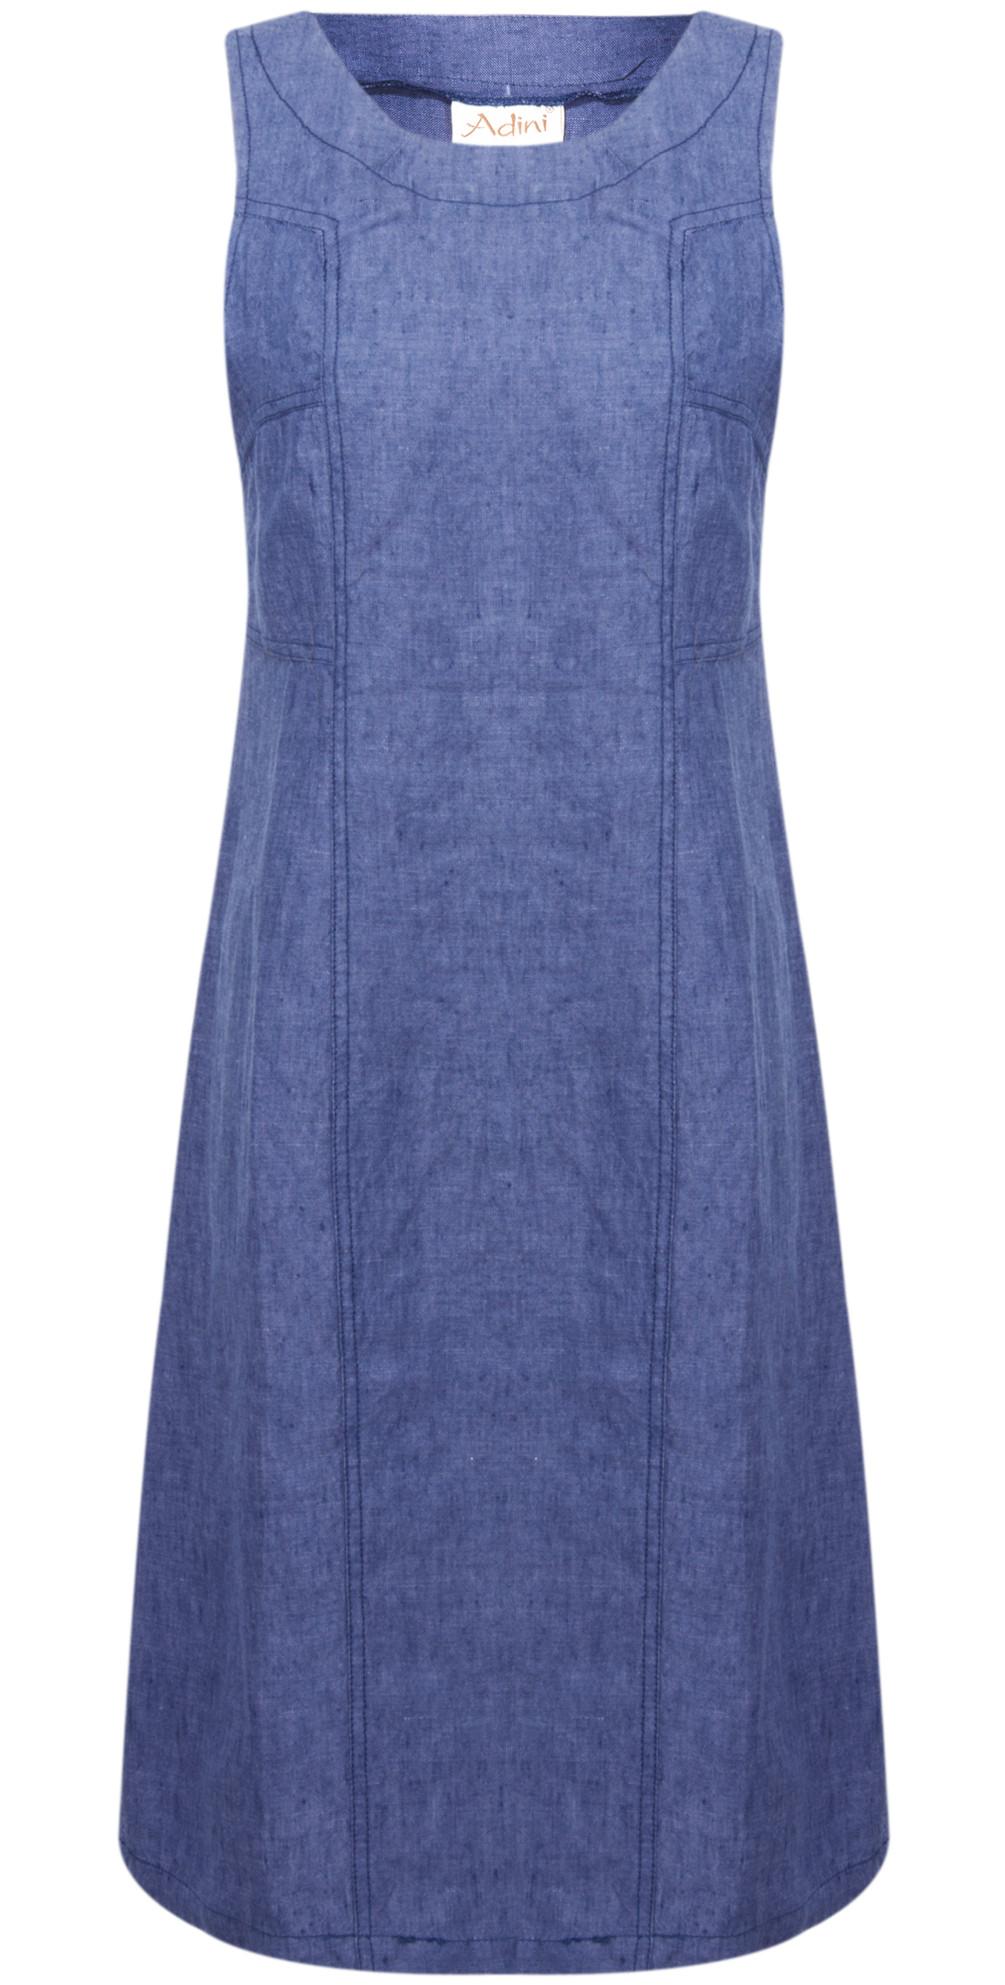 841df701ea2 Adini Structured Linen Dress in Denim